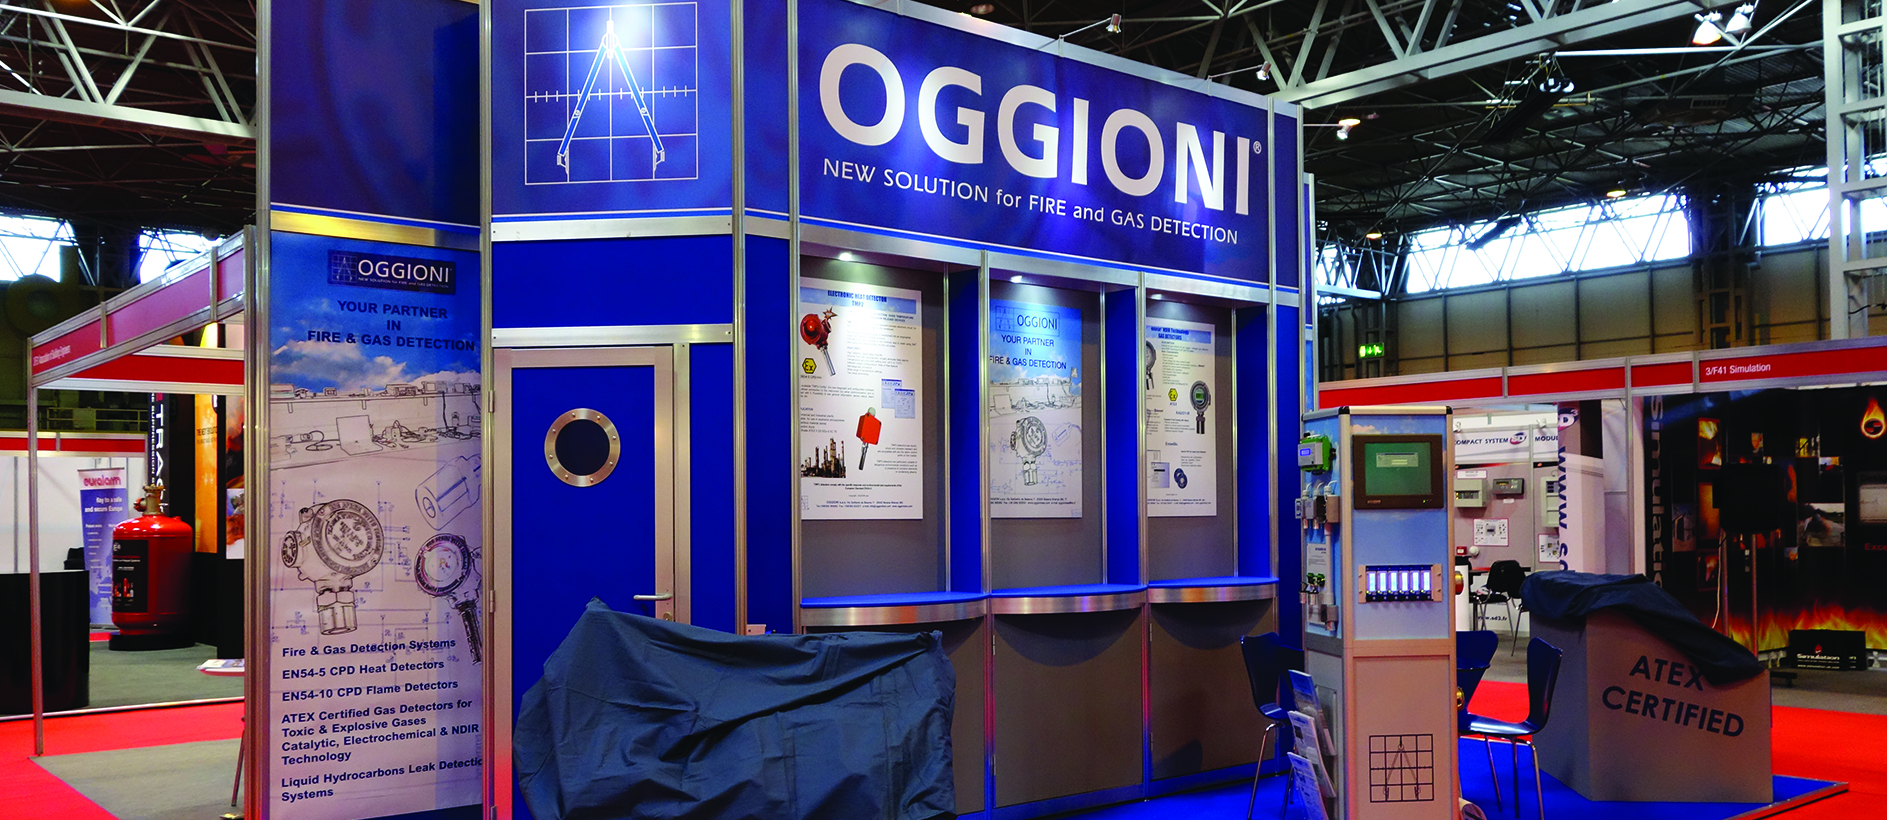 oggioni exhibition stand 4